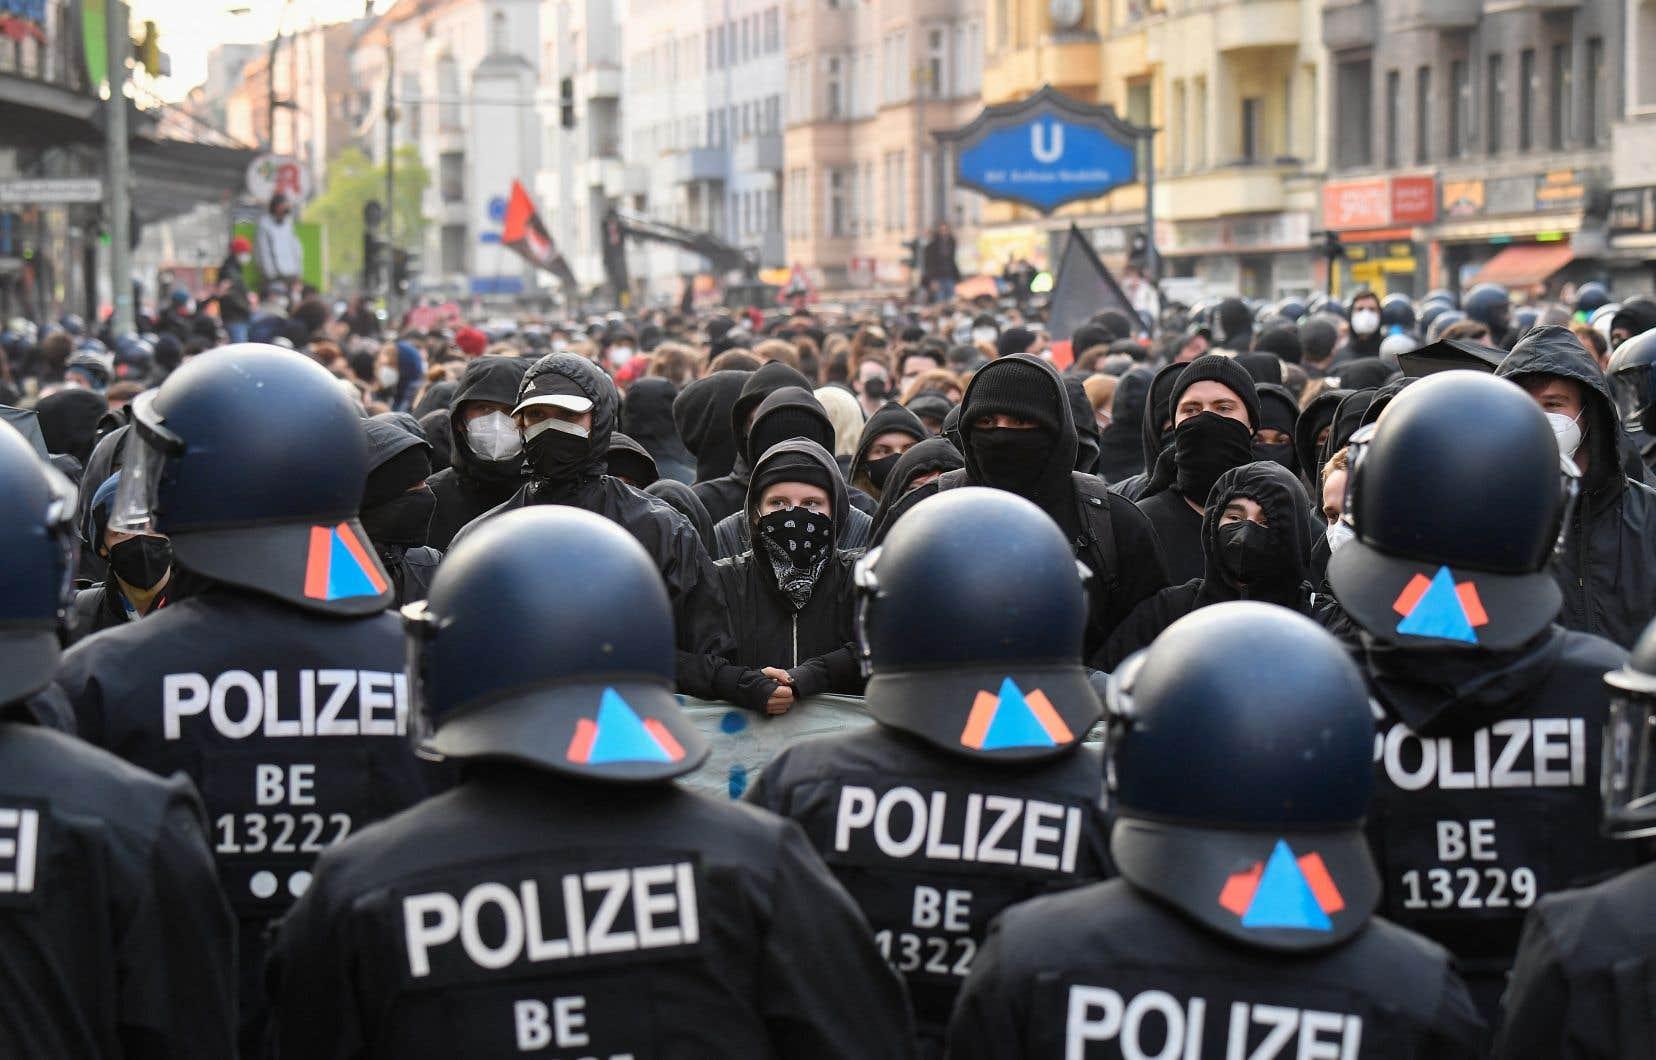 Une vingtaine de rassemblements ont eu lieu à Berlin, avec des mots d'ordre allant de la hausse des loyers à la politique migratoire en passant par l'opposition aux mesures de restrictions liées à la pandémie.